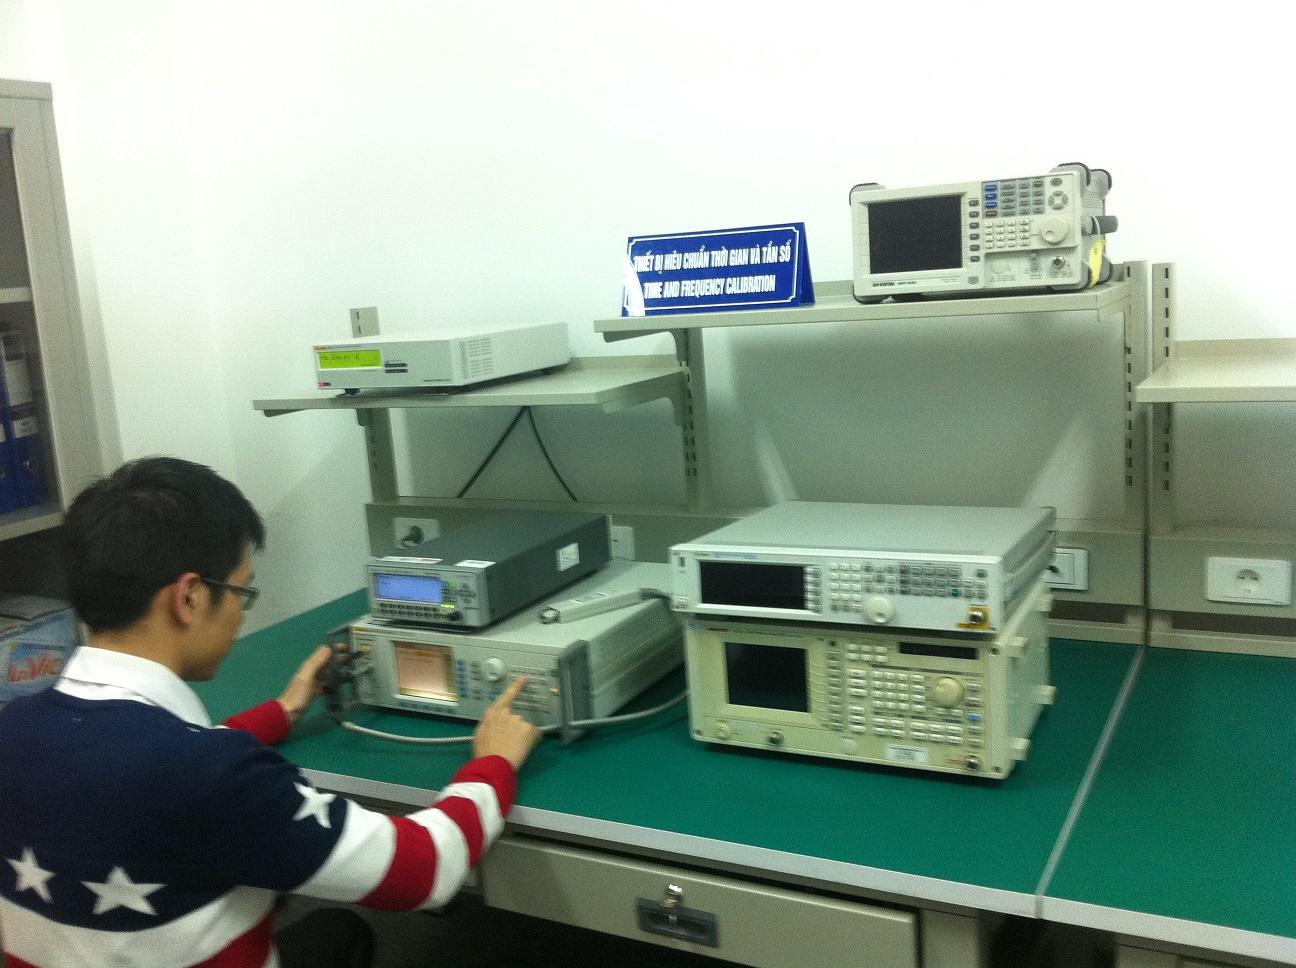 Khu vực hiệu chuẩn tần số thời gian với các nguồn chuẩn tuần số GPS, thiết bị phát, bộ đếm tần chuẩn.